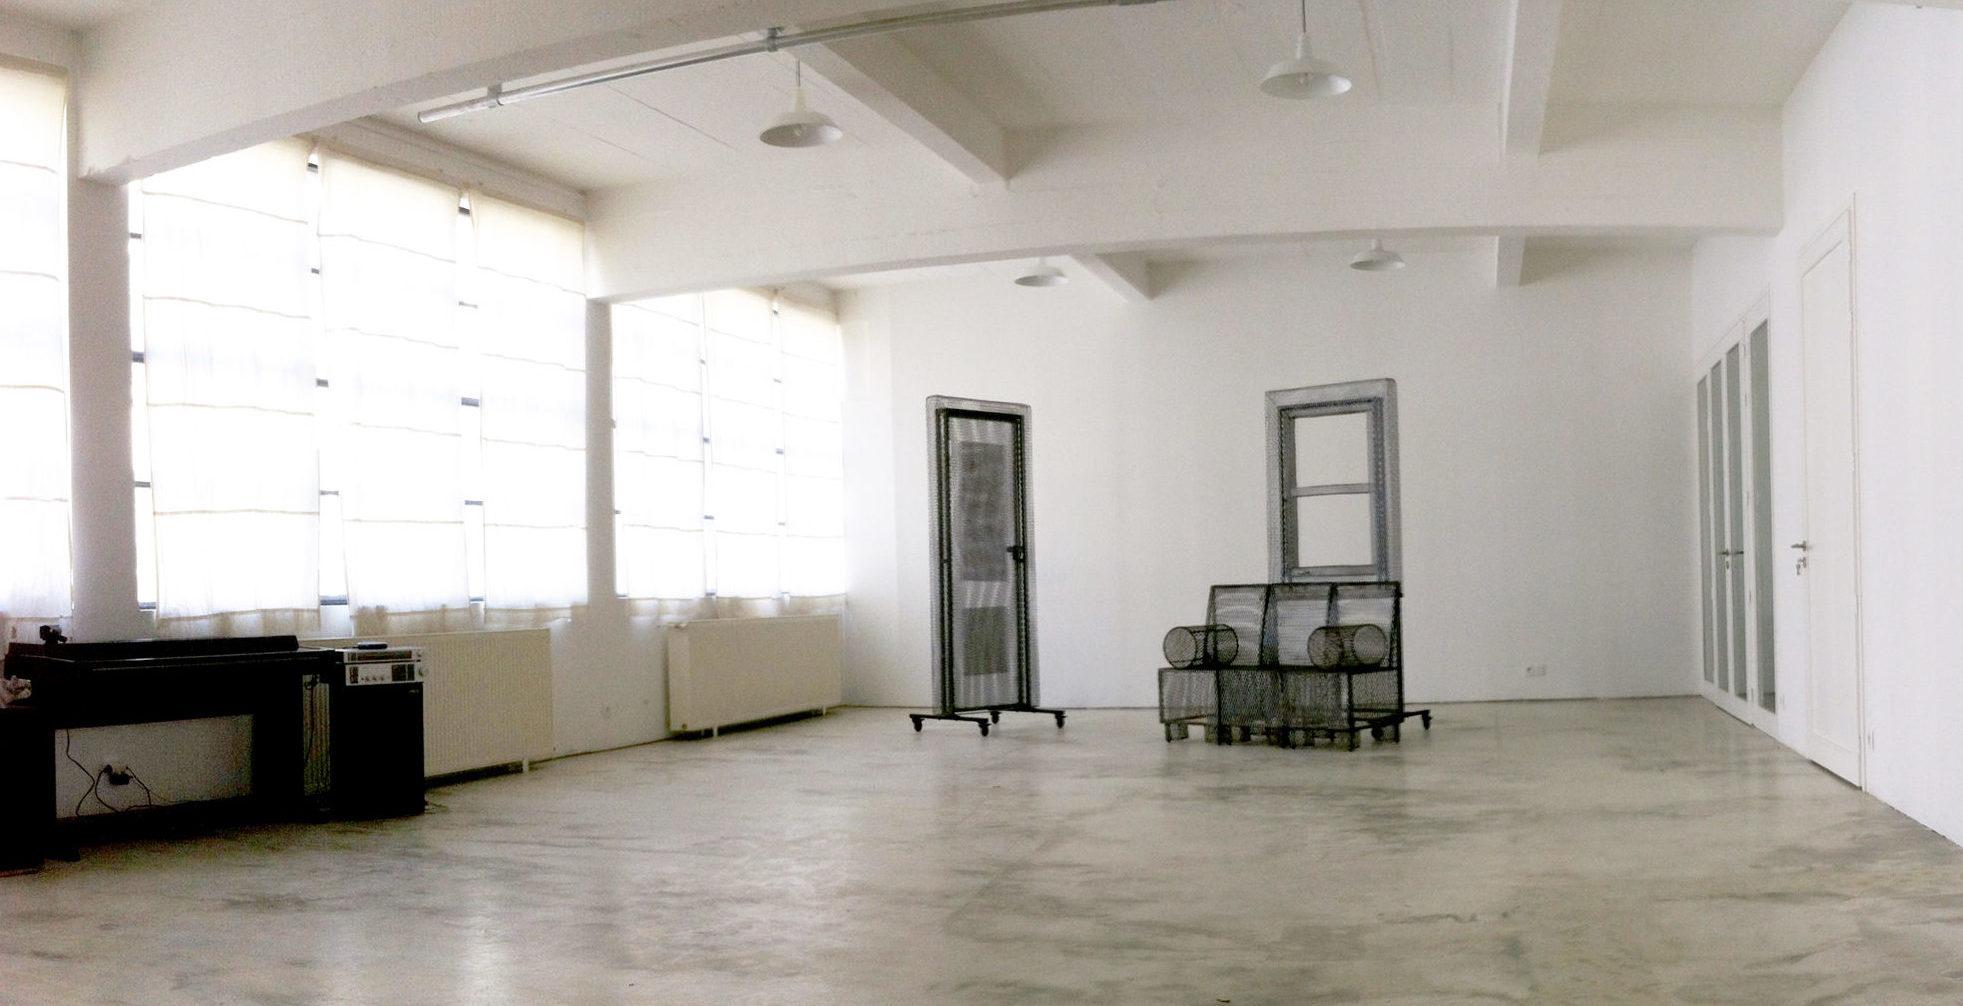 Salle avec décors sur fond nu